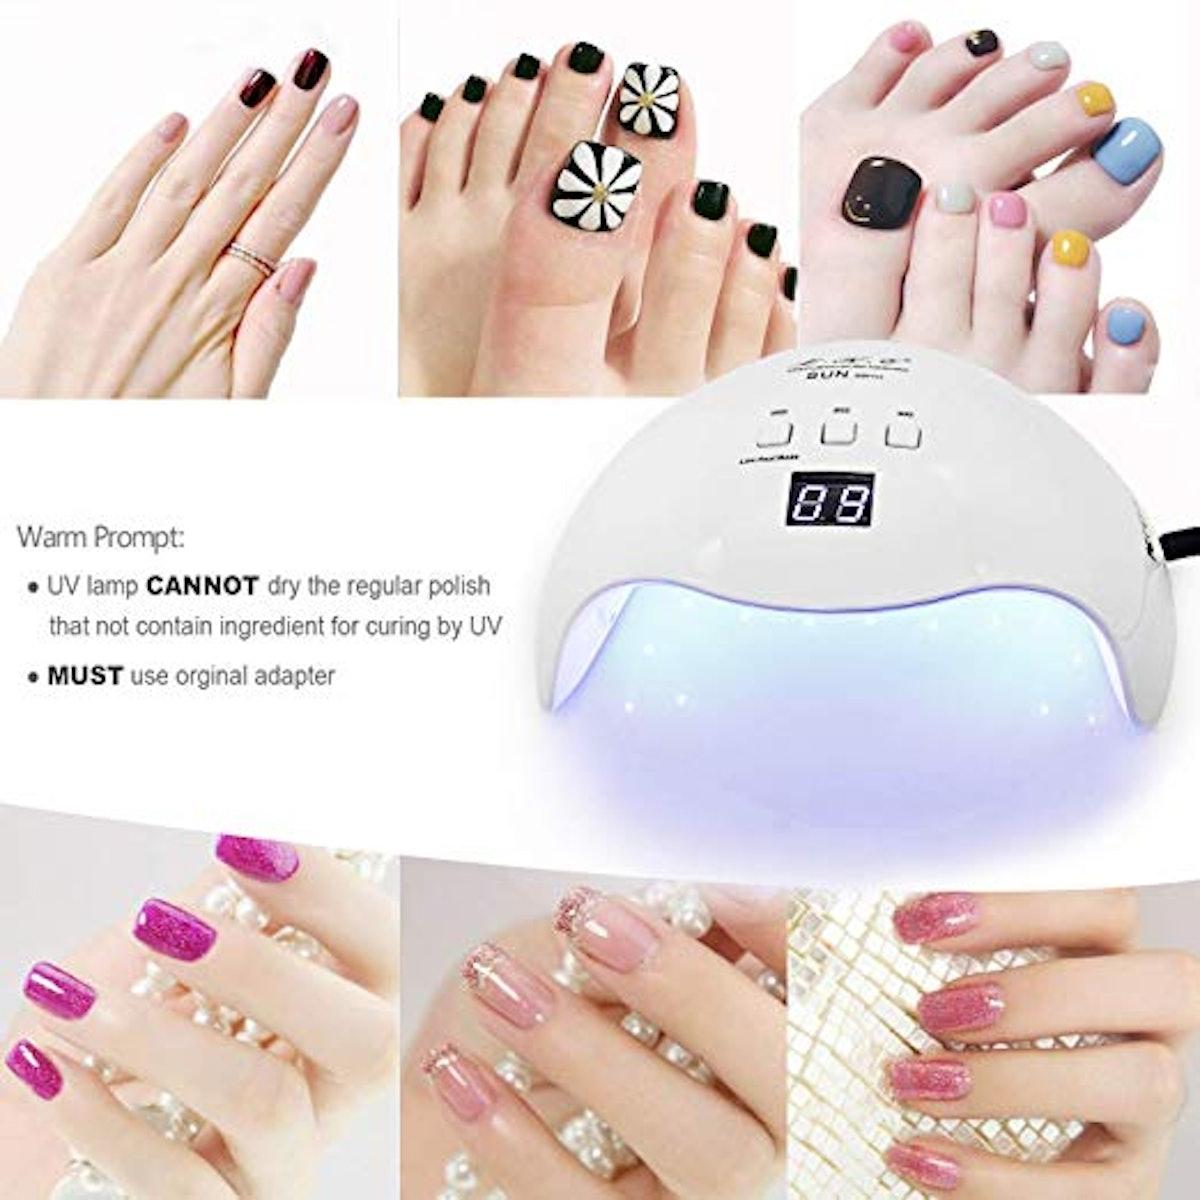 LKE Gel UV LED Nail Lamp